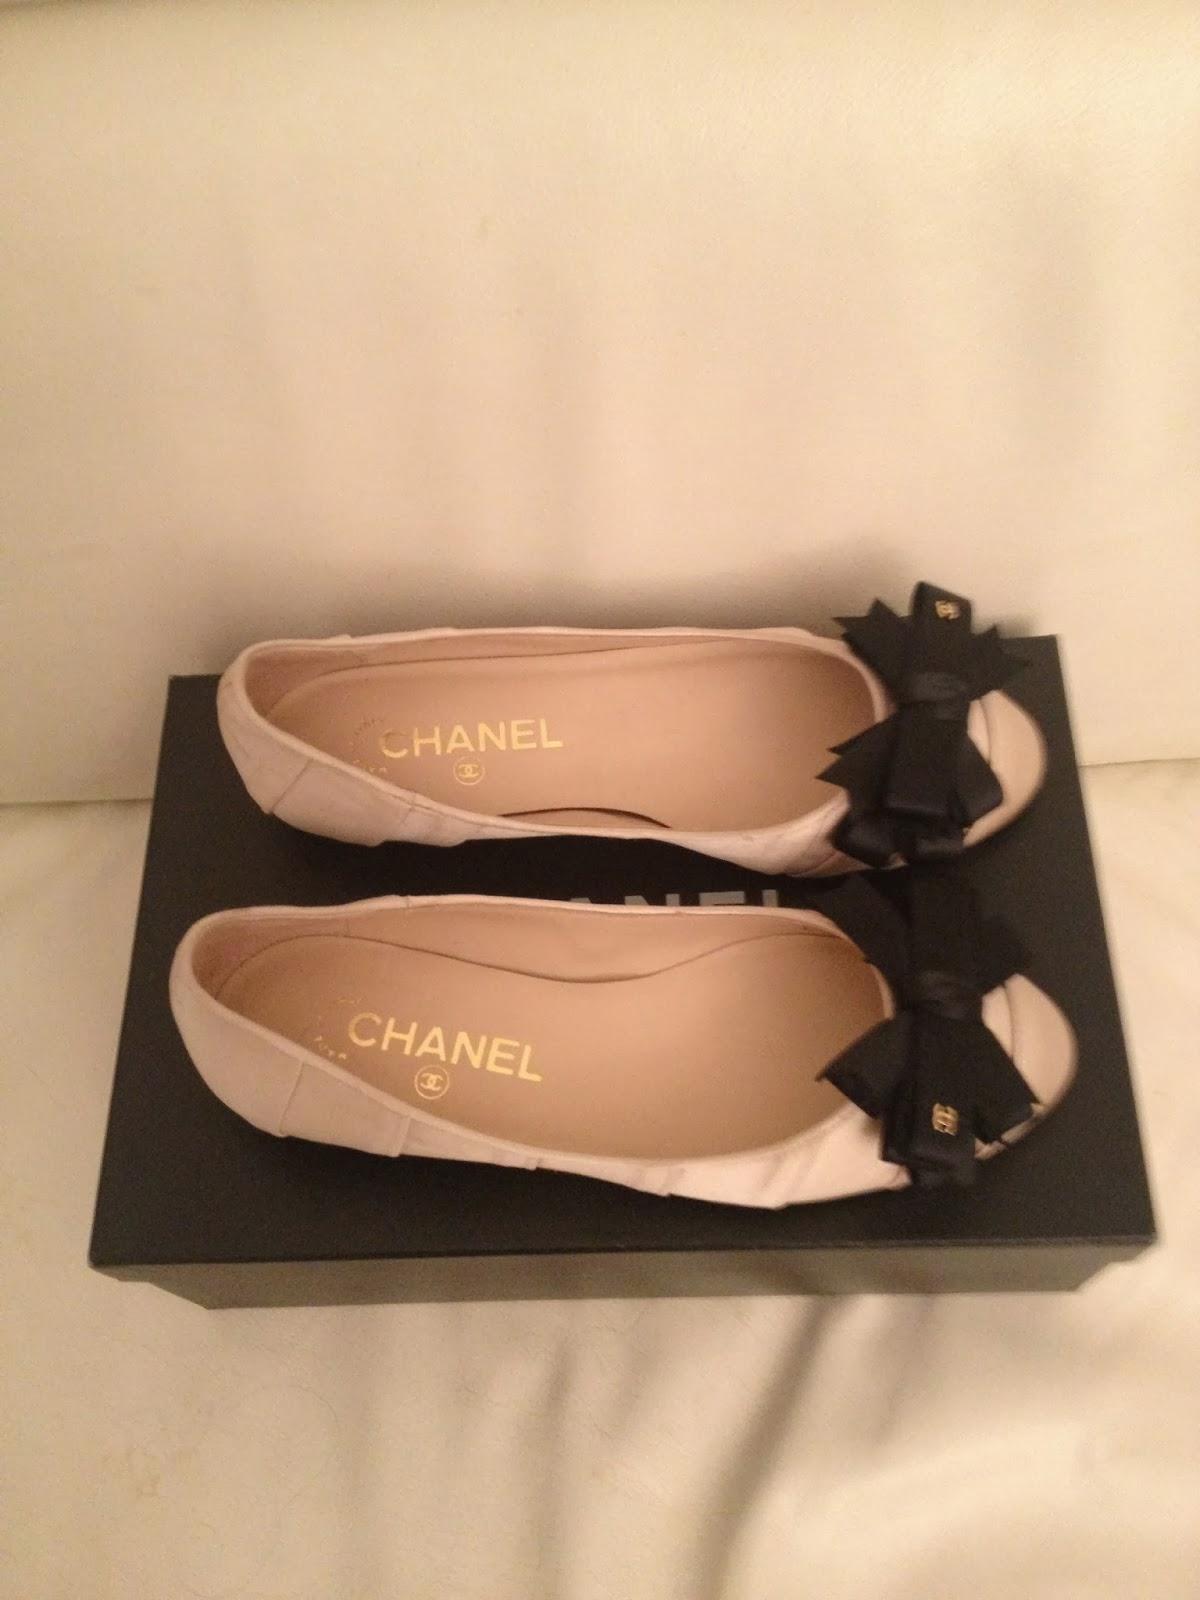 Vends Ballerines CHANEL en satin beige irisé avec noeud noir Pointure 36. Authentiques  Ballerines ... ebe5a98ff12